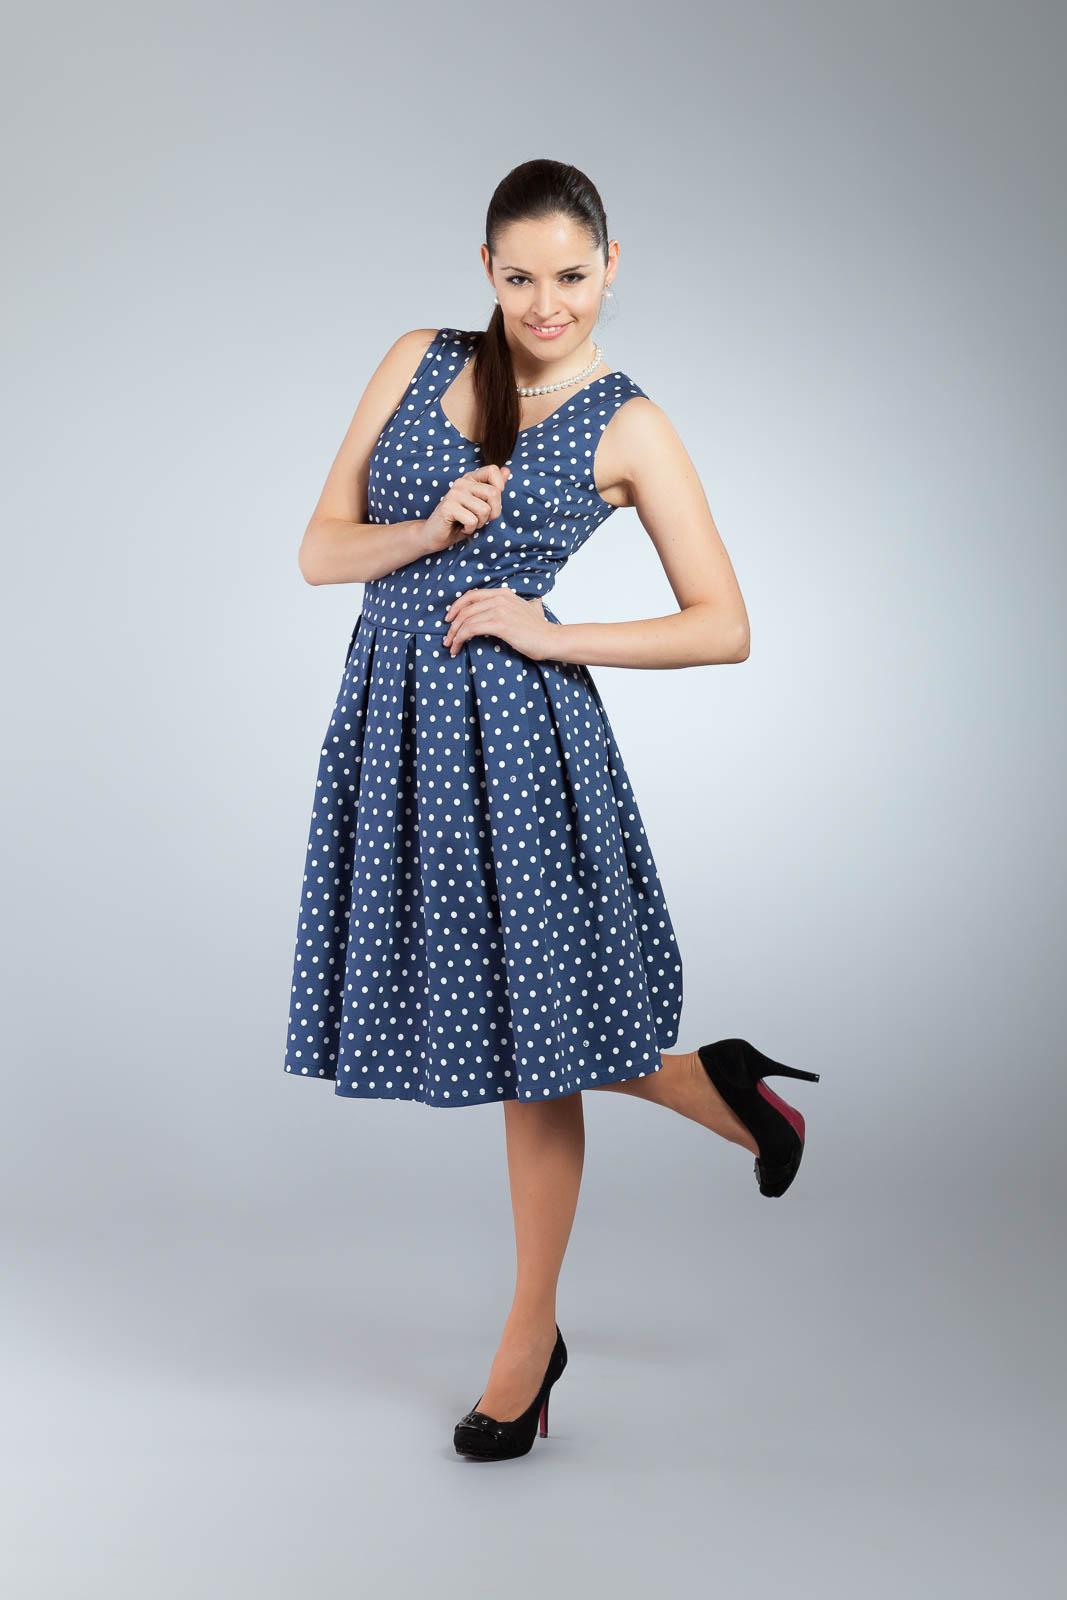 a3848ff9ca7 Tmavě modré retro šaty s bílými puntíky   Zboží prodejce evzenie ...